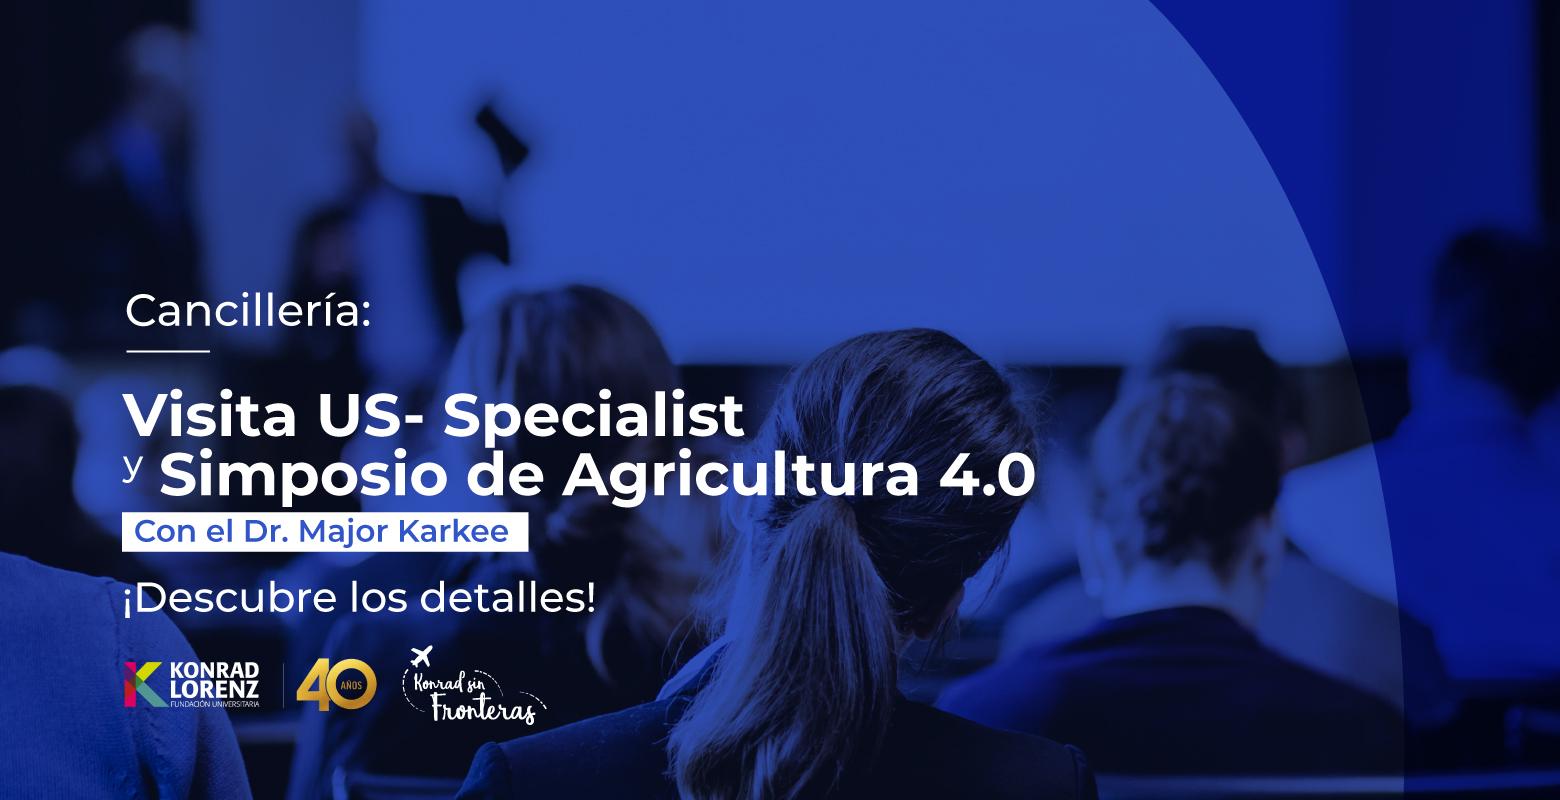 Descubre los Detalles de la Visita US- Specialist a la Konrad Lorenz y del Simposio de Agricultura 4.0